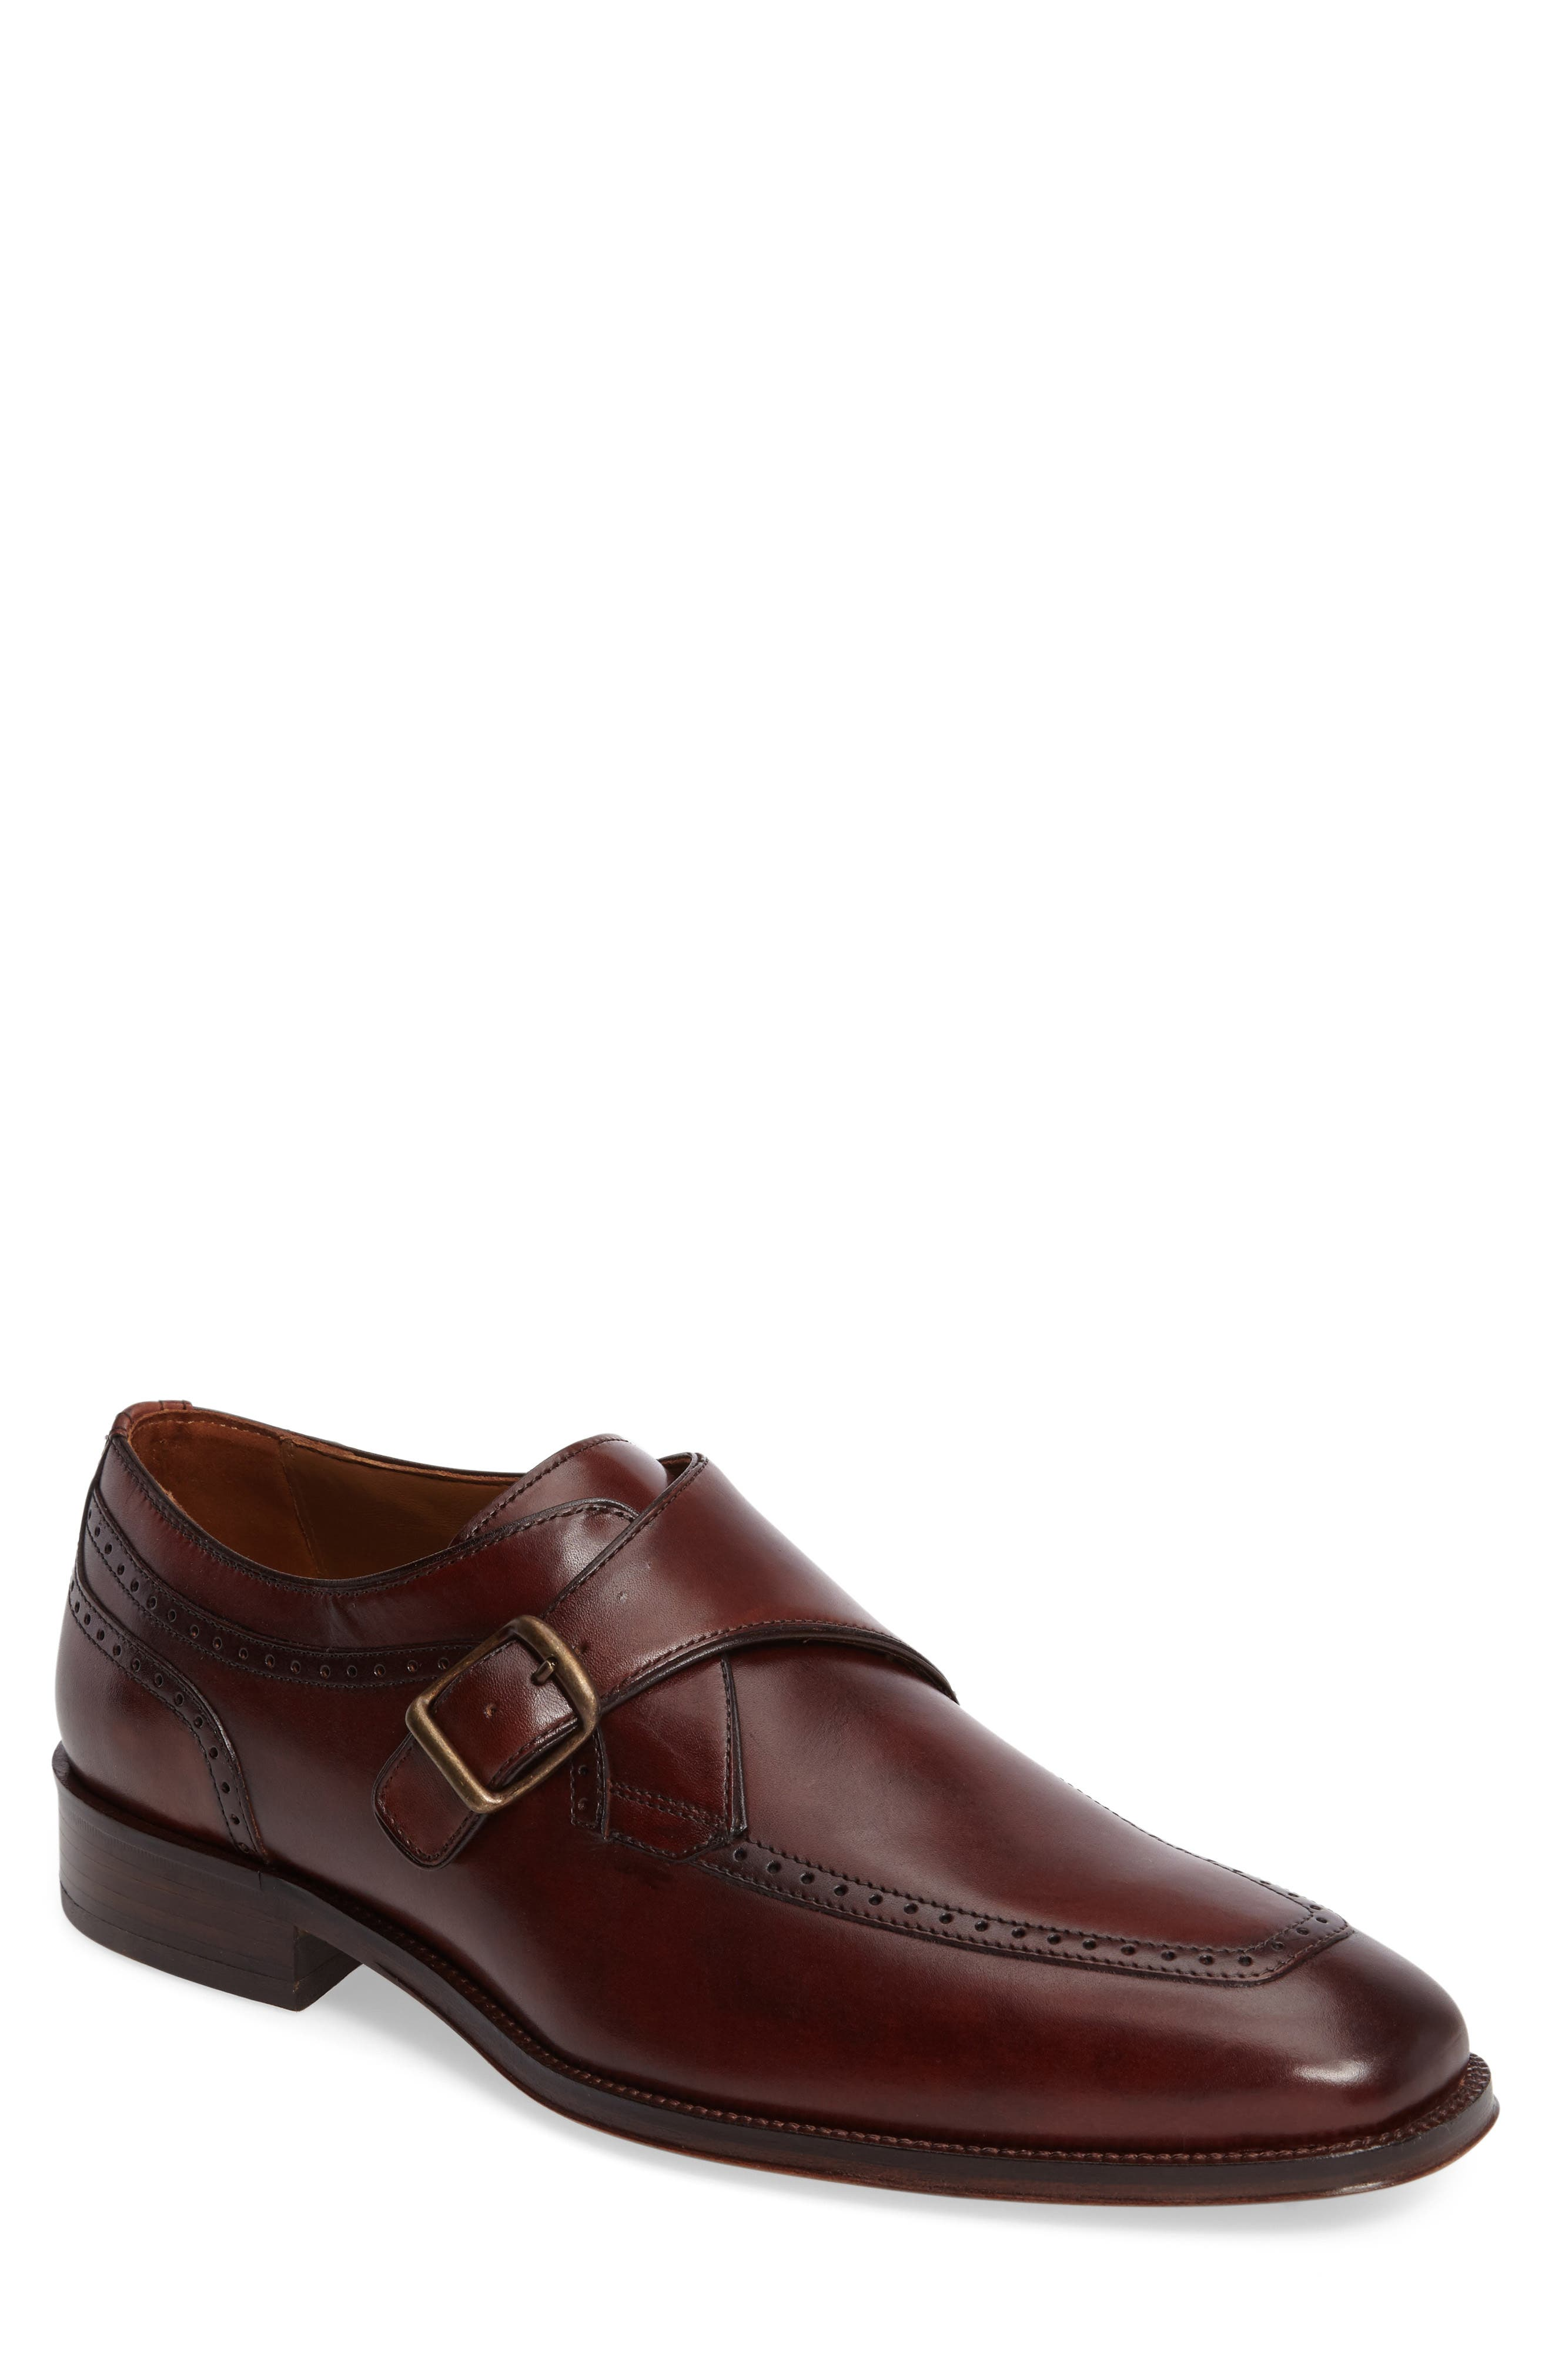 Boydstun Monk Strap Shoe,                             Main thumbnail 2, color,